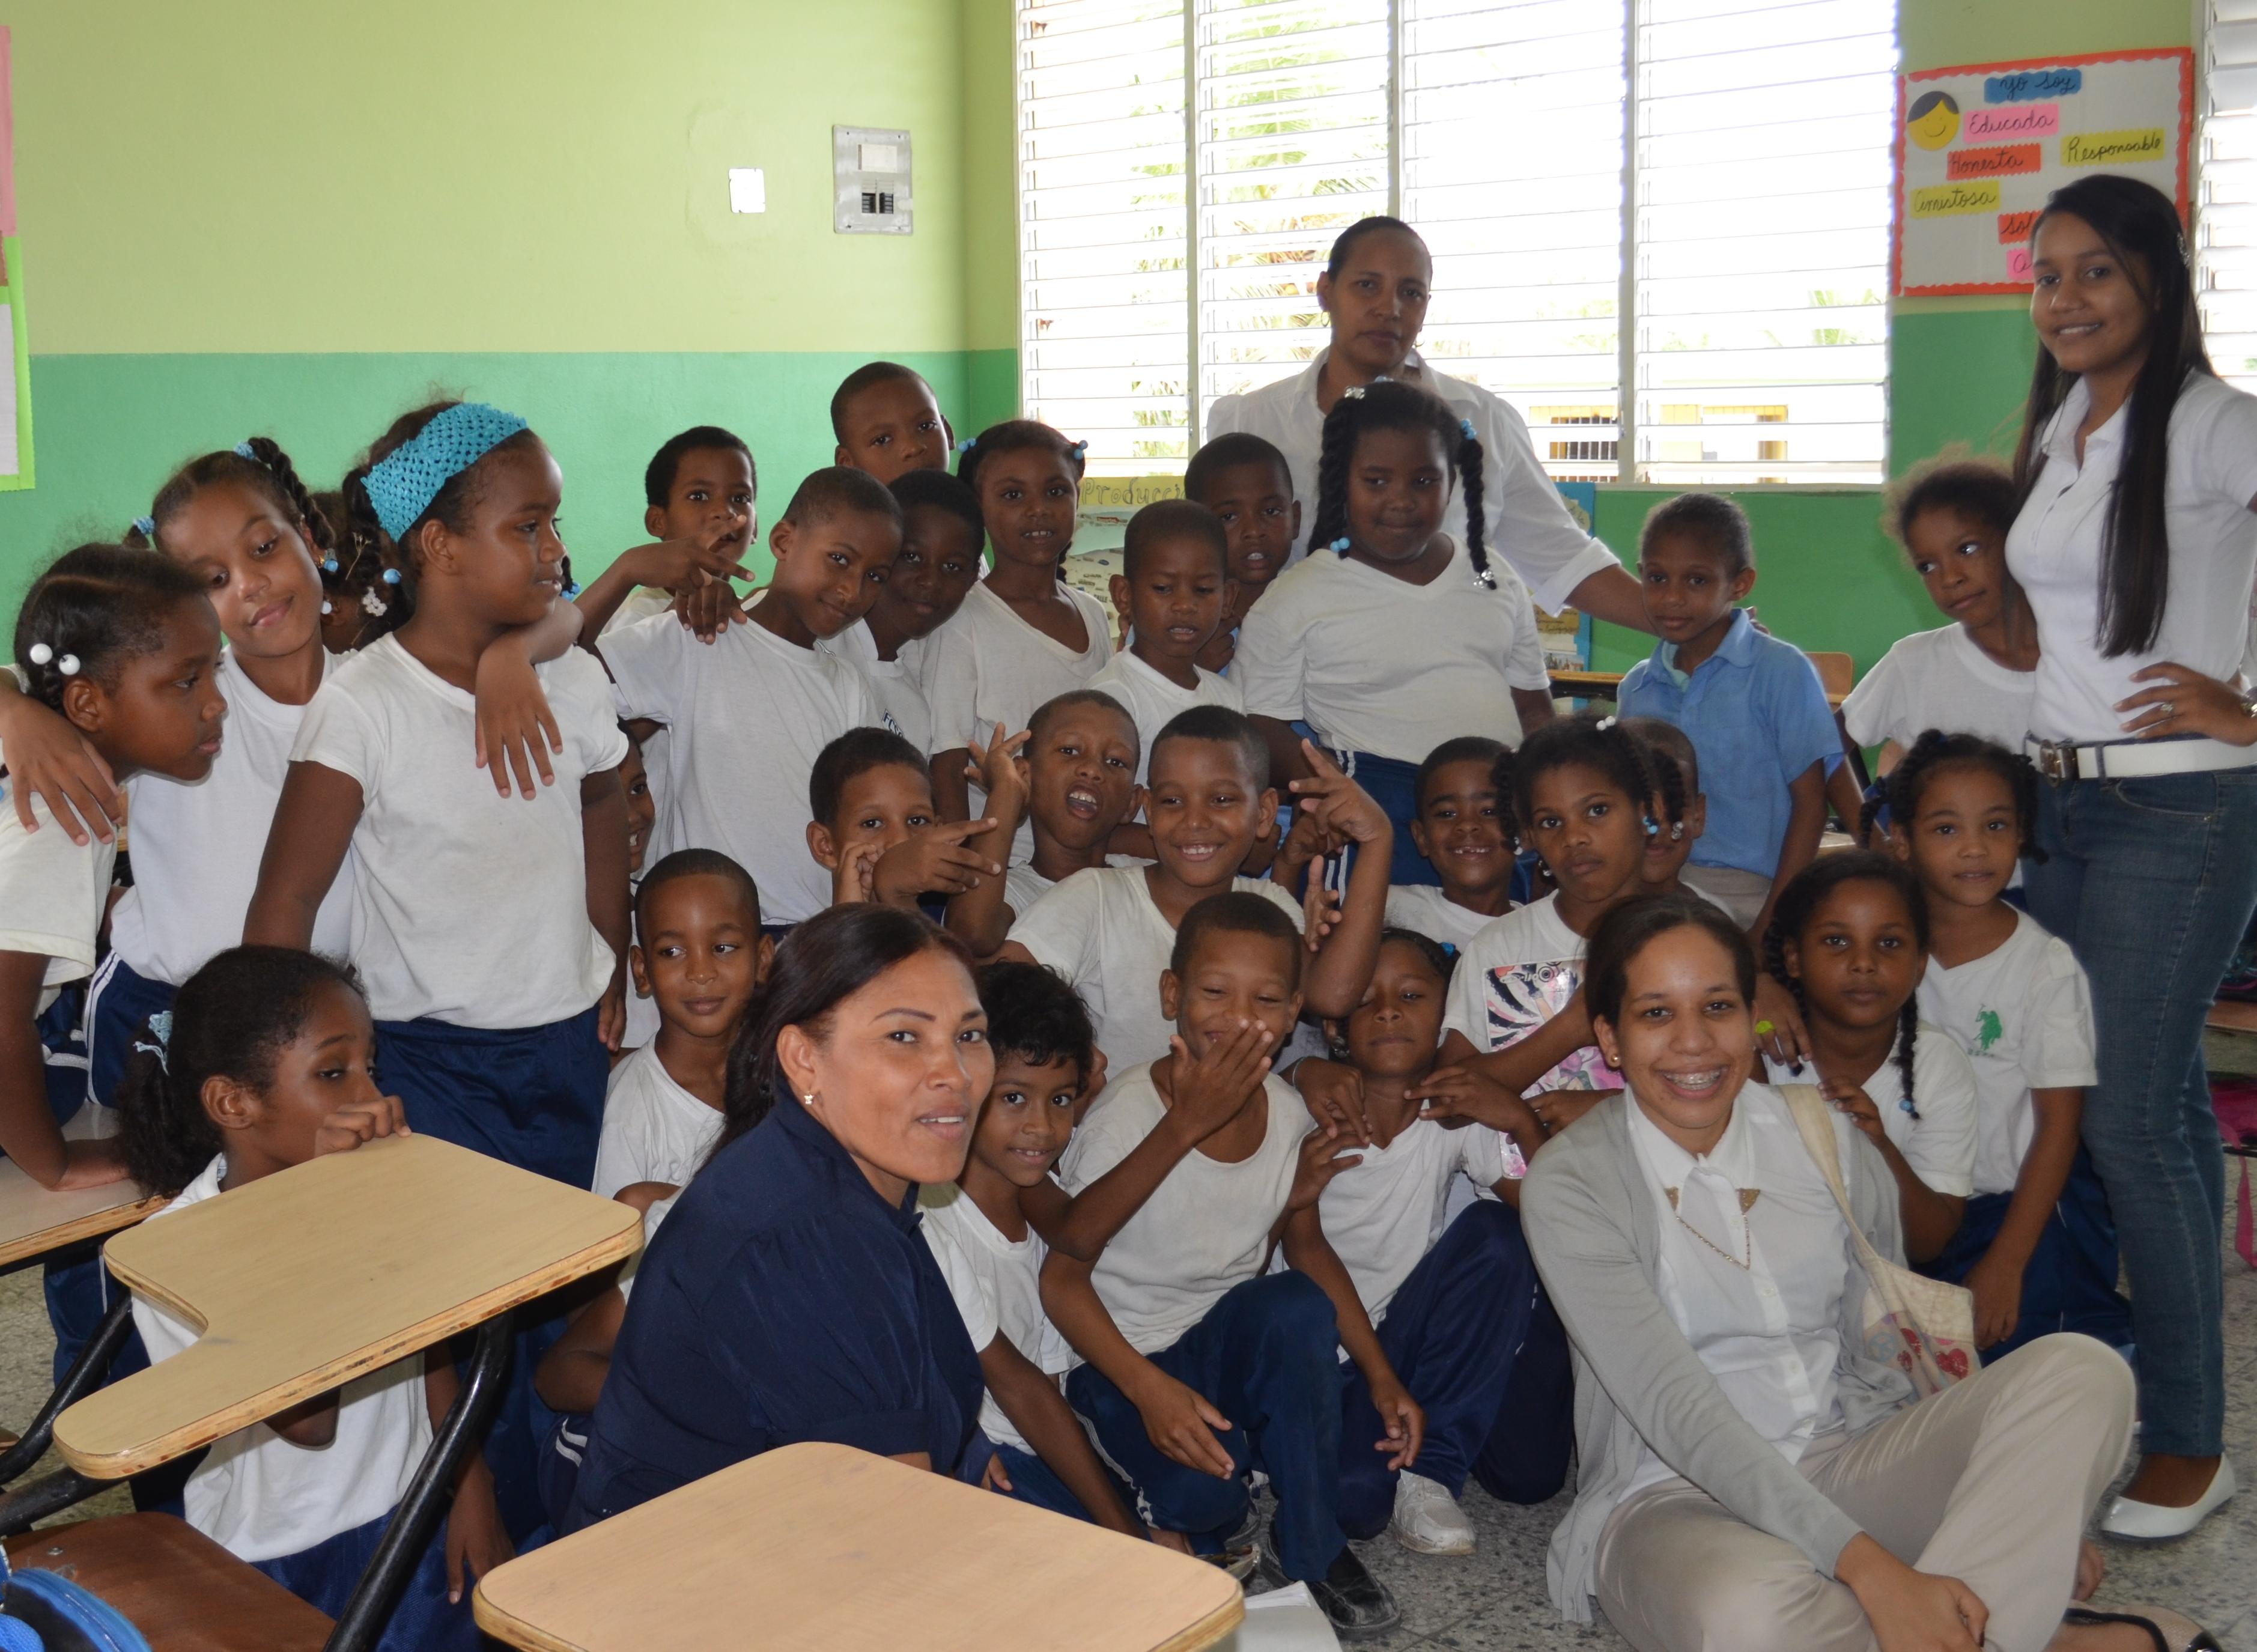 FJT realiza jornada de concientización sobre la violencia en escuelas